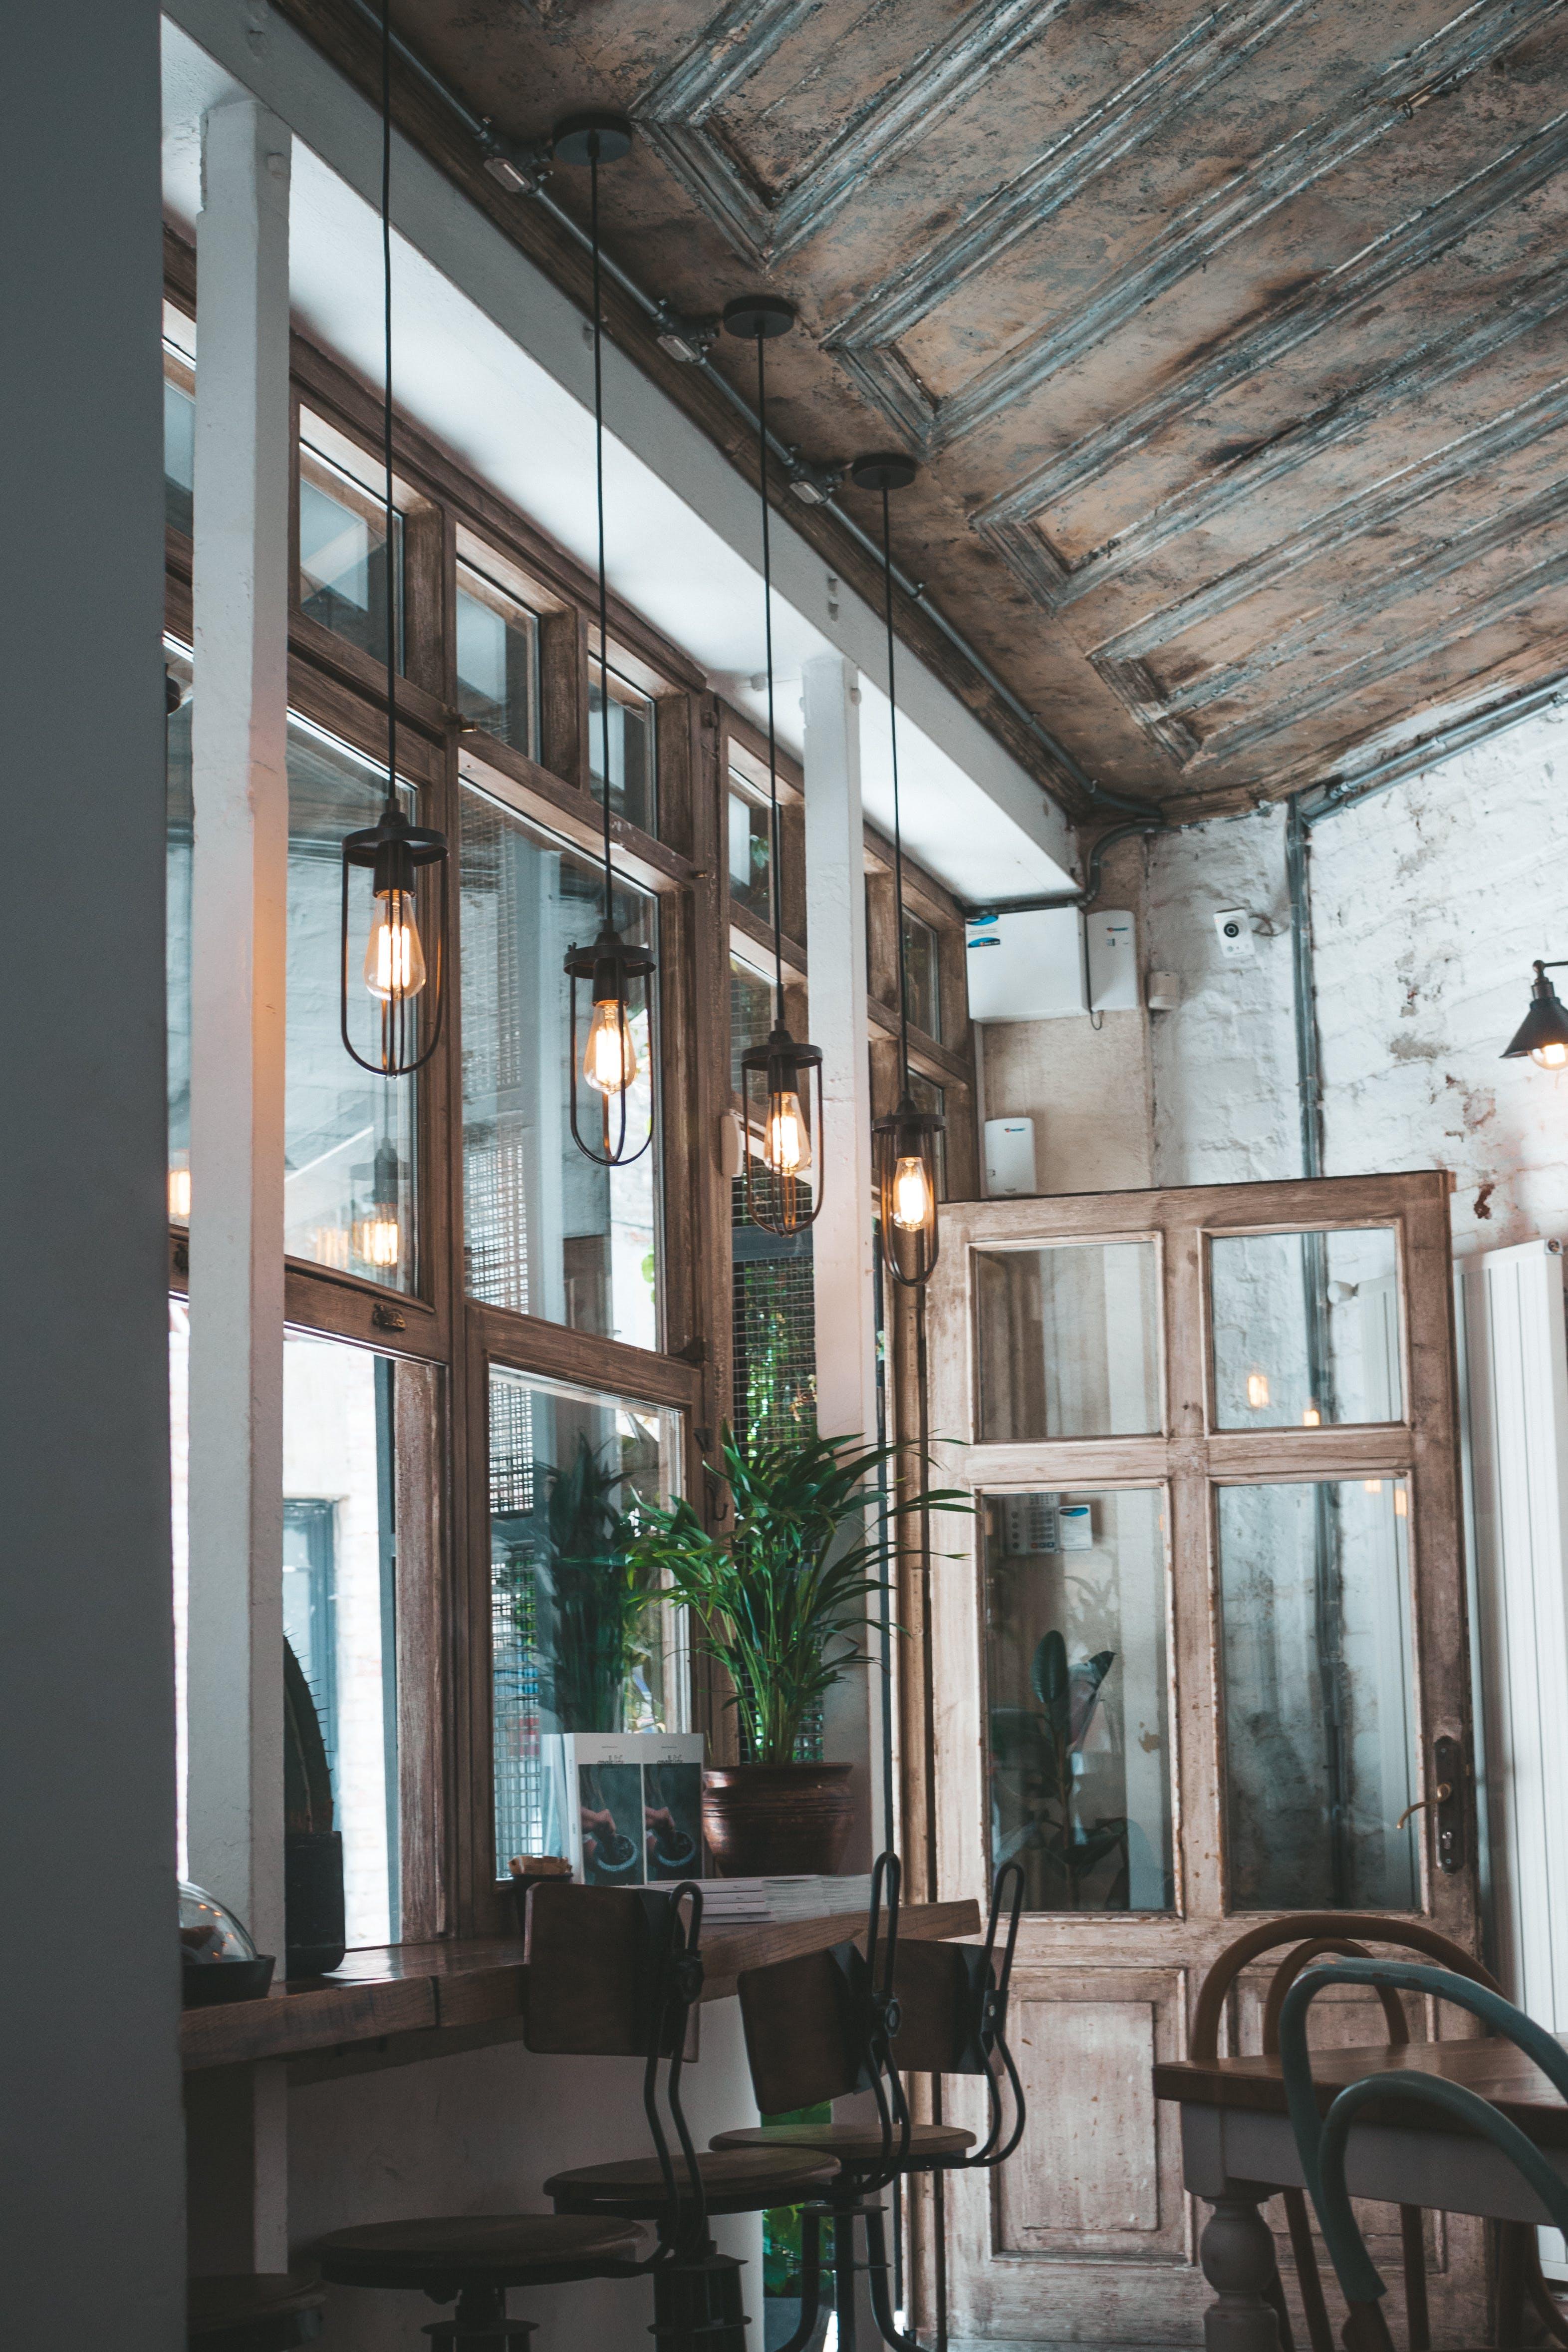 Δωρεάν στοκ φωτογραφιών με αρχιτεκτονική, γυάλινο παράθυρο, έπιπλα, εργοστάσιο